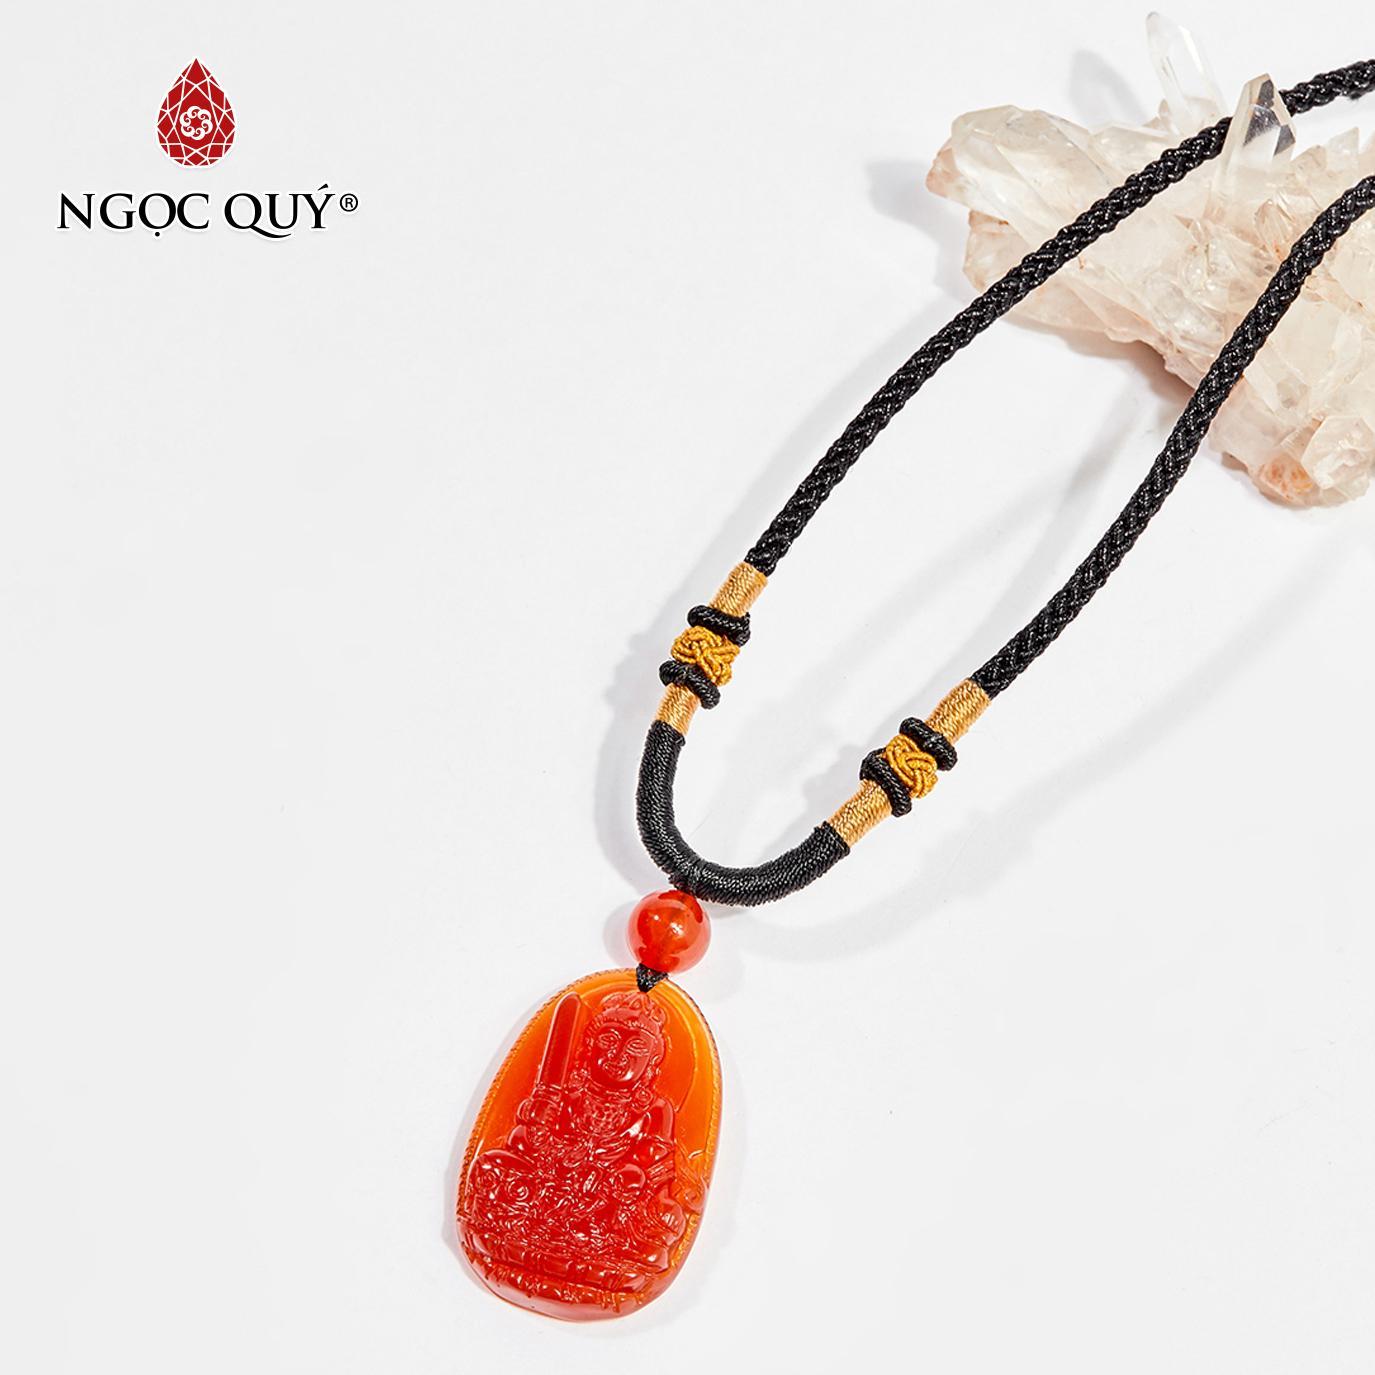 Mặt dây chuyền Phật bản mệnh đá mã não đỏ Văn Thù Bồ Tát tuổi Mão 3.6 x 2.3cm (màu đỏ) - Ngọc Quý Gemstones